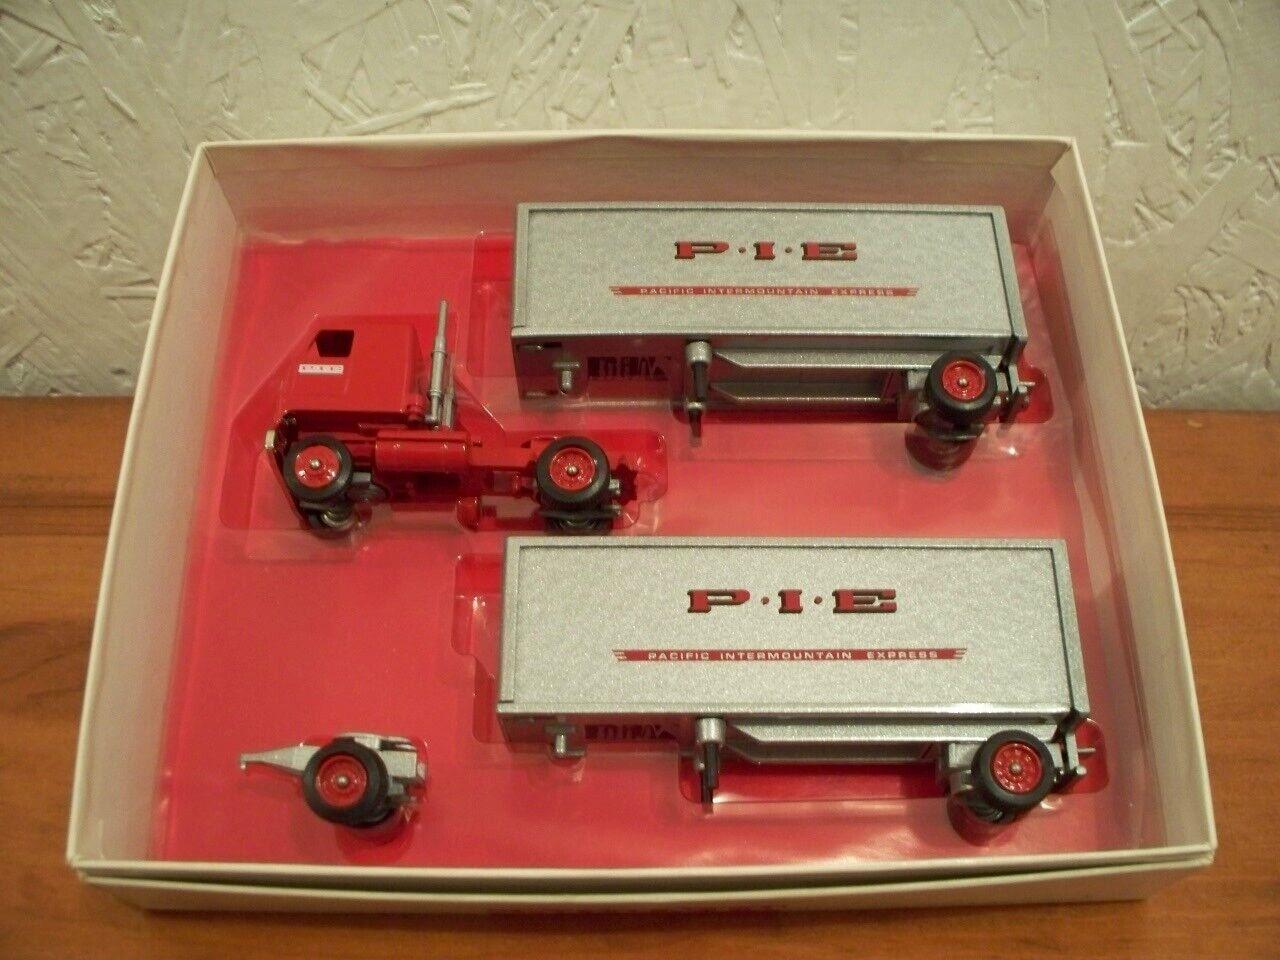 solo cómpralo Pie duplica Diecast Winross camión de remolque remolque remolque de tractor  comprar nuevo barato